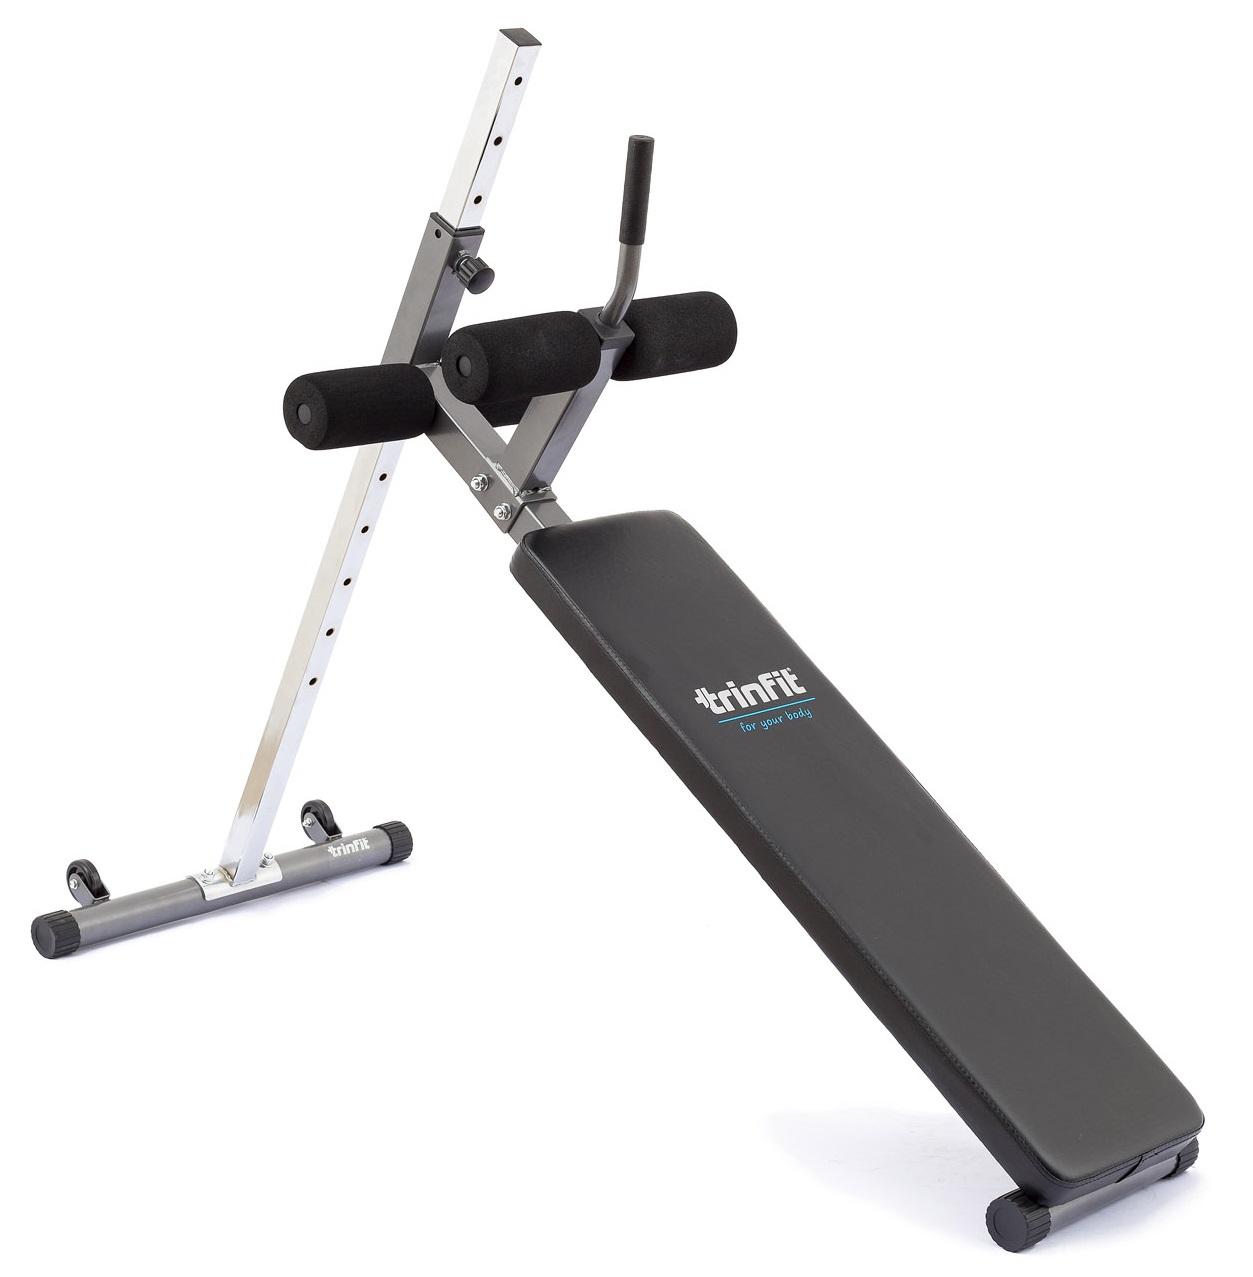 Stroj na břicho TRINFIT Ultra + zajištění servisu u Vás doma a rozšířená záruka 60 měsíců ZDARMA